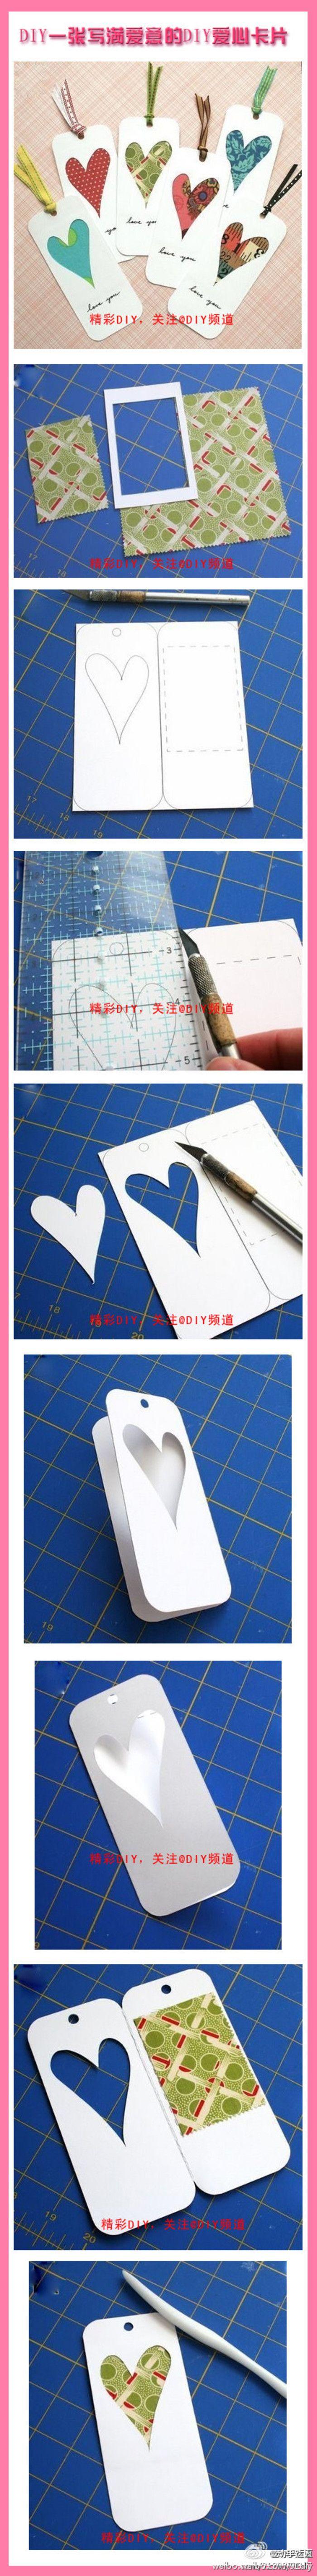 【写满爱意的DIY爱心卡片】DIY一张爱的卡片,写上爱的呢喃,送给心爱的ta。如此简单的过程,就能表达出爱意,何乐而不为呢?